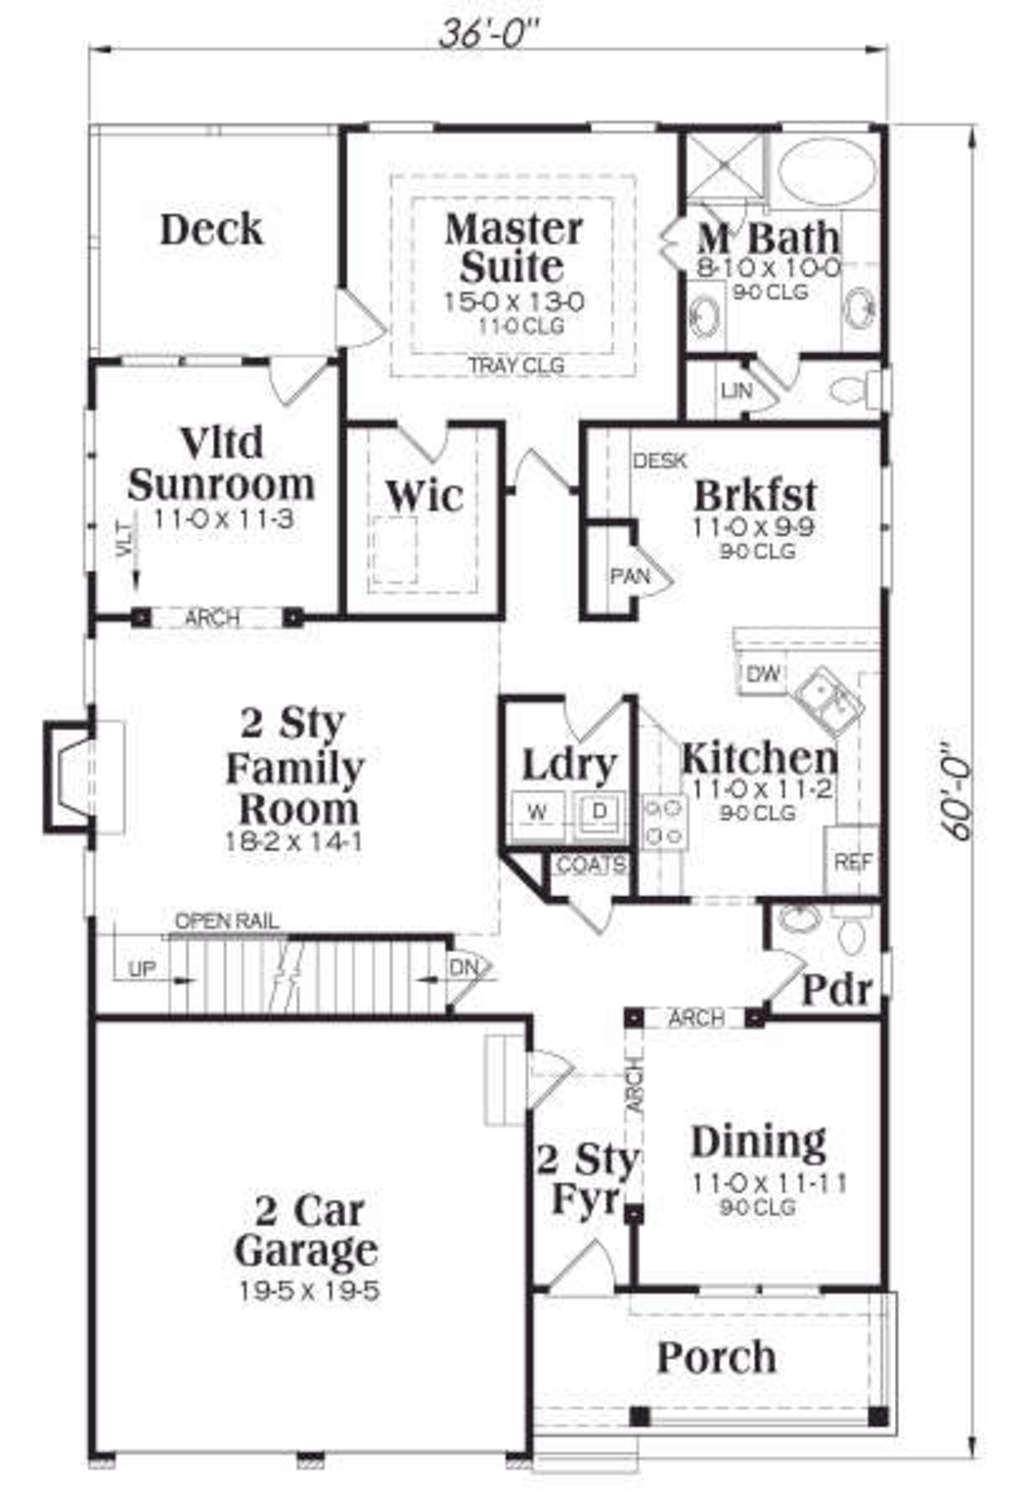 3 ba os planos de casas modernas for Planos de casas de dos plantas y tres dormitorios